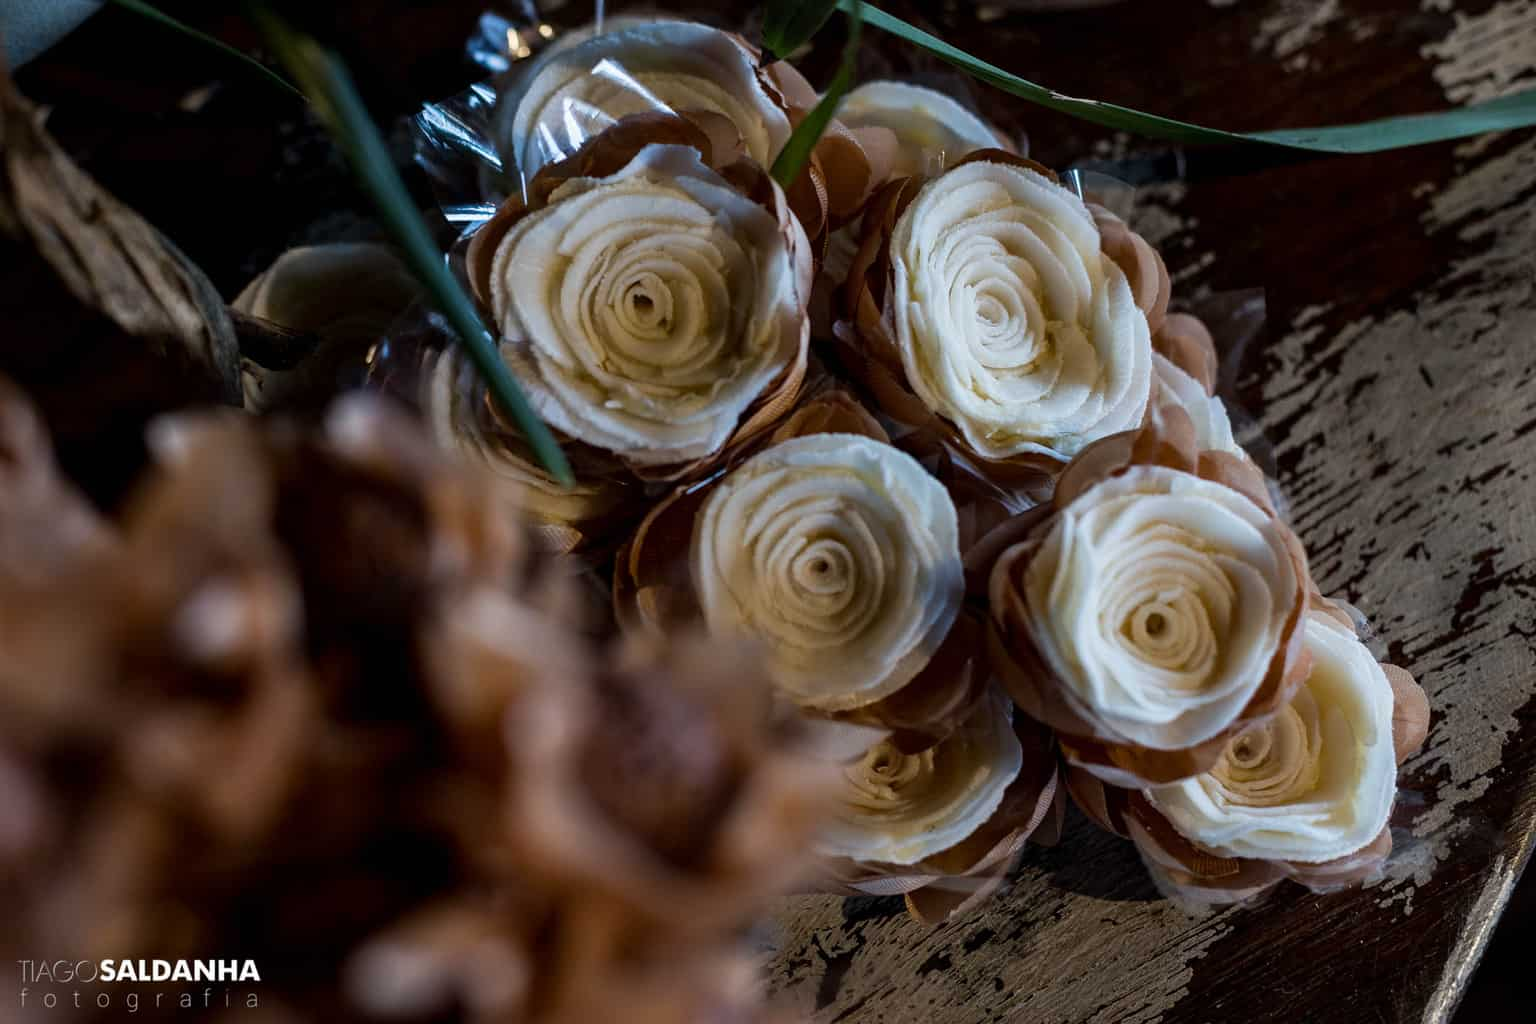 Casamento-Chandrélin-e-Laureano-Chan-e-Lau-decoracao-Defluer-doces-de-casamento-Guta-Gula-Hotel-Rio-da-Barra-tiago-saldanha-Trancoso2